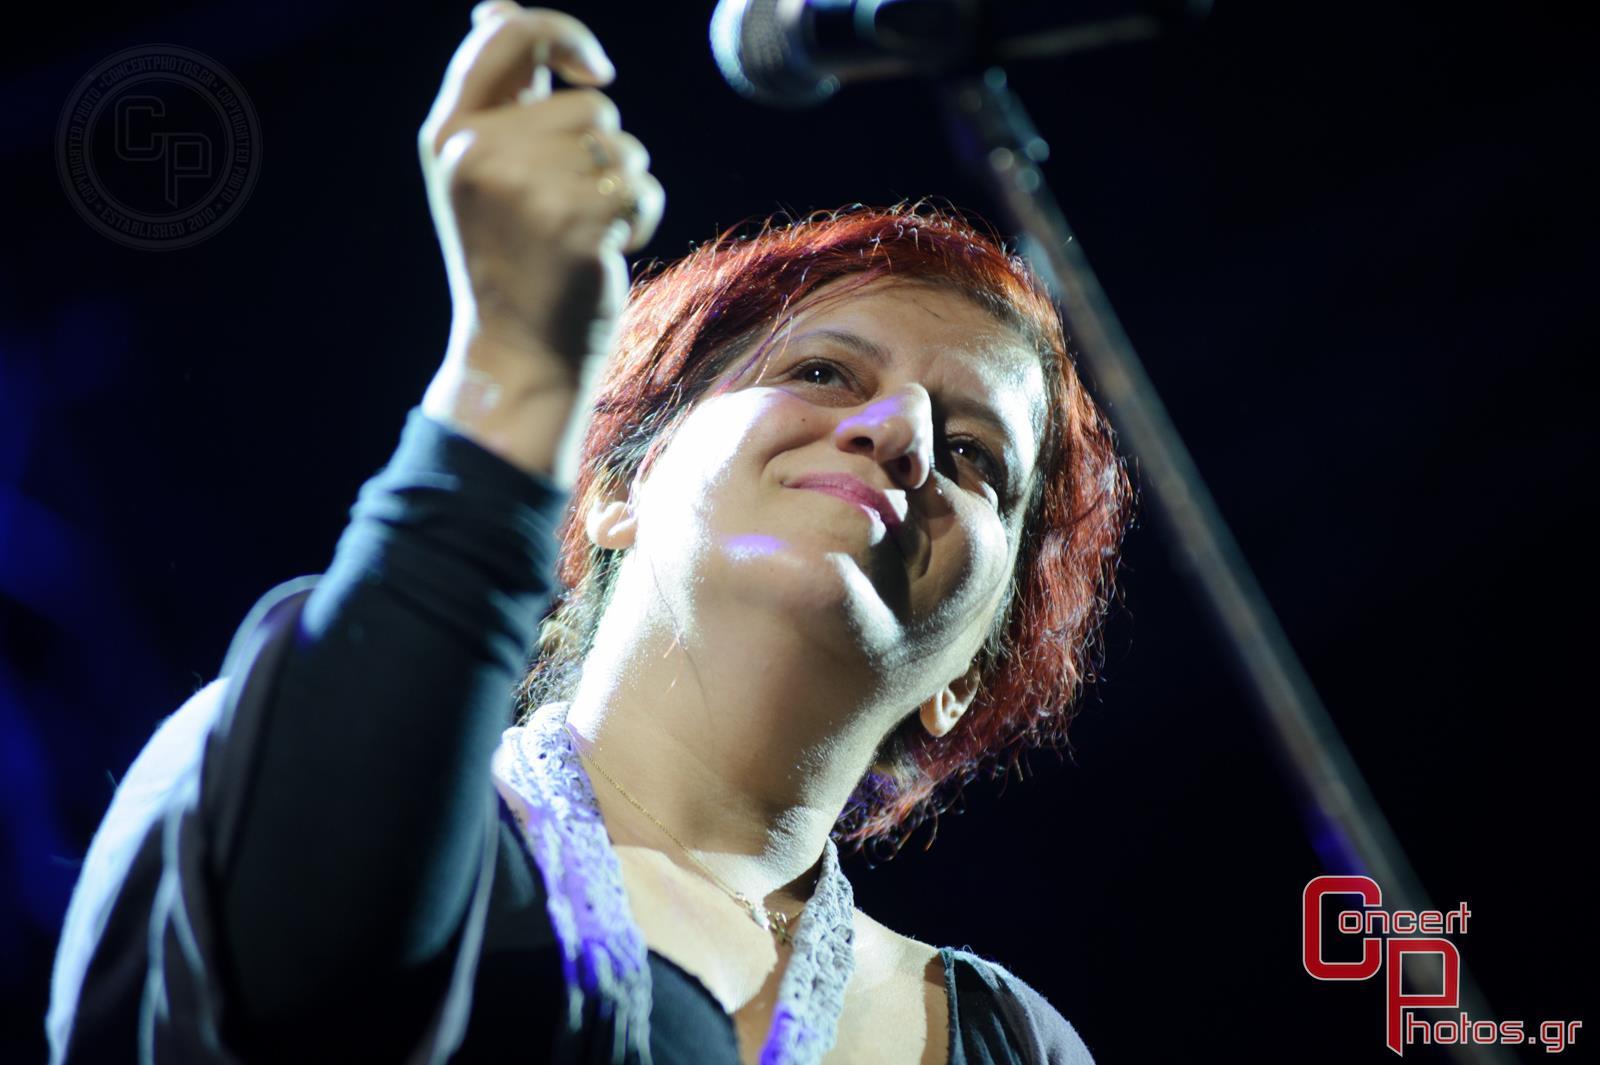 Μία συναυλία για τη Σχεδία 2014-Sxedia 2014 photographer:  - concertphotos_20140526_22_07_33